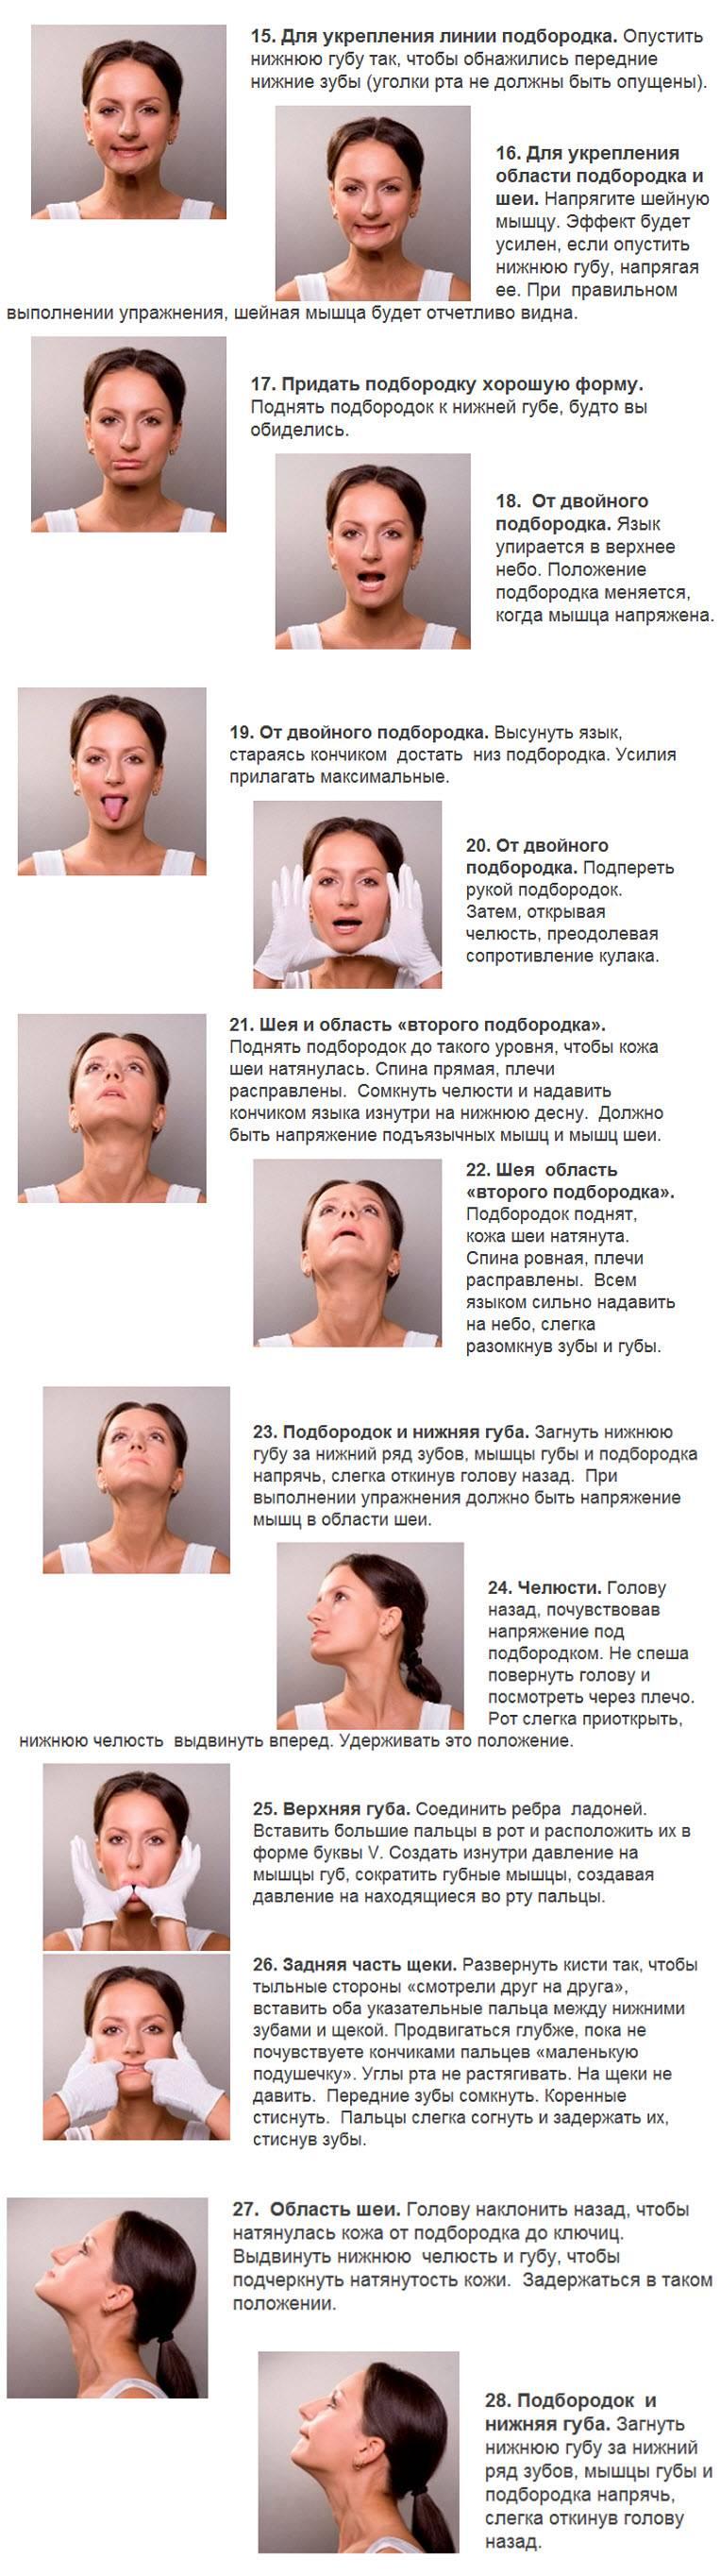 Правильный массаж лица вдомашних условиях: cила прикосновений